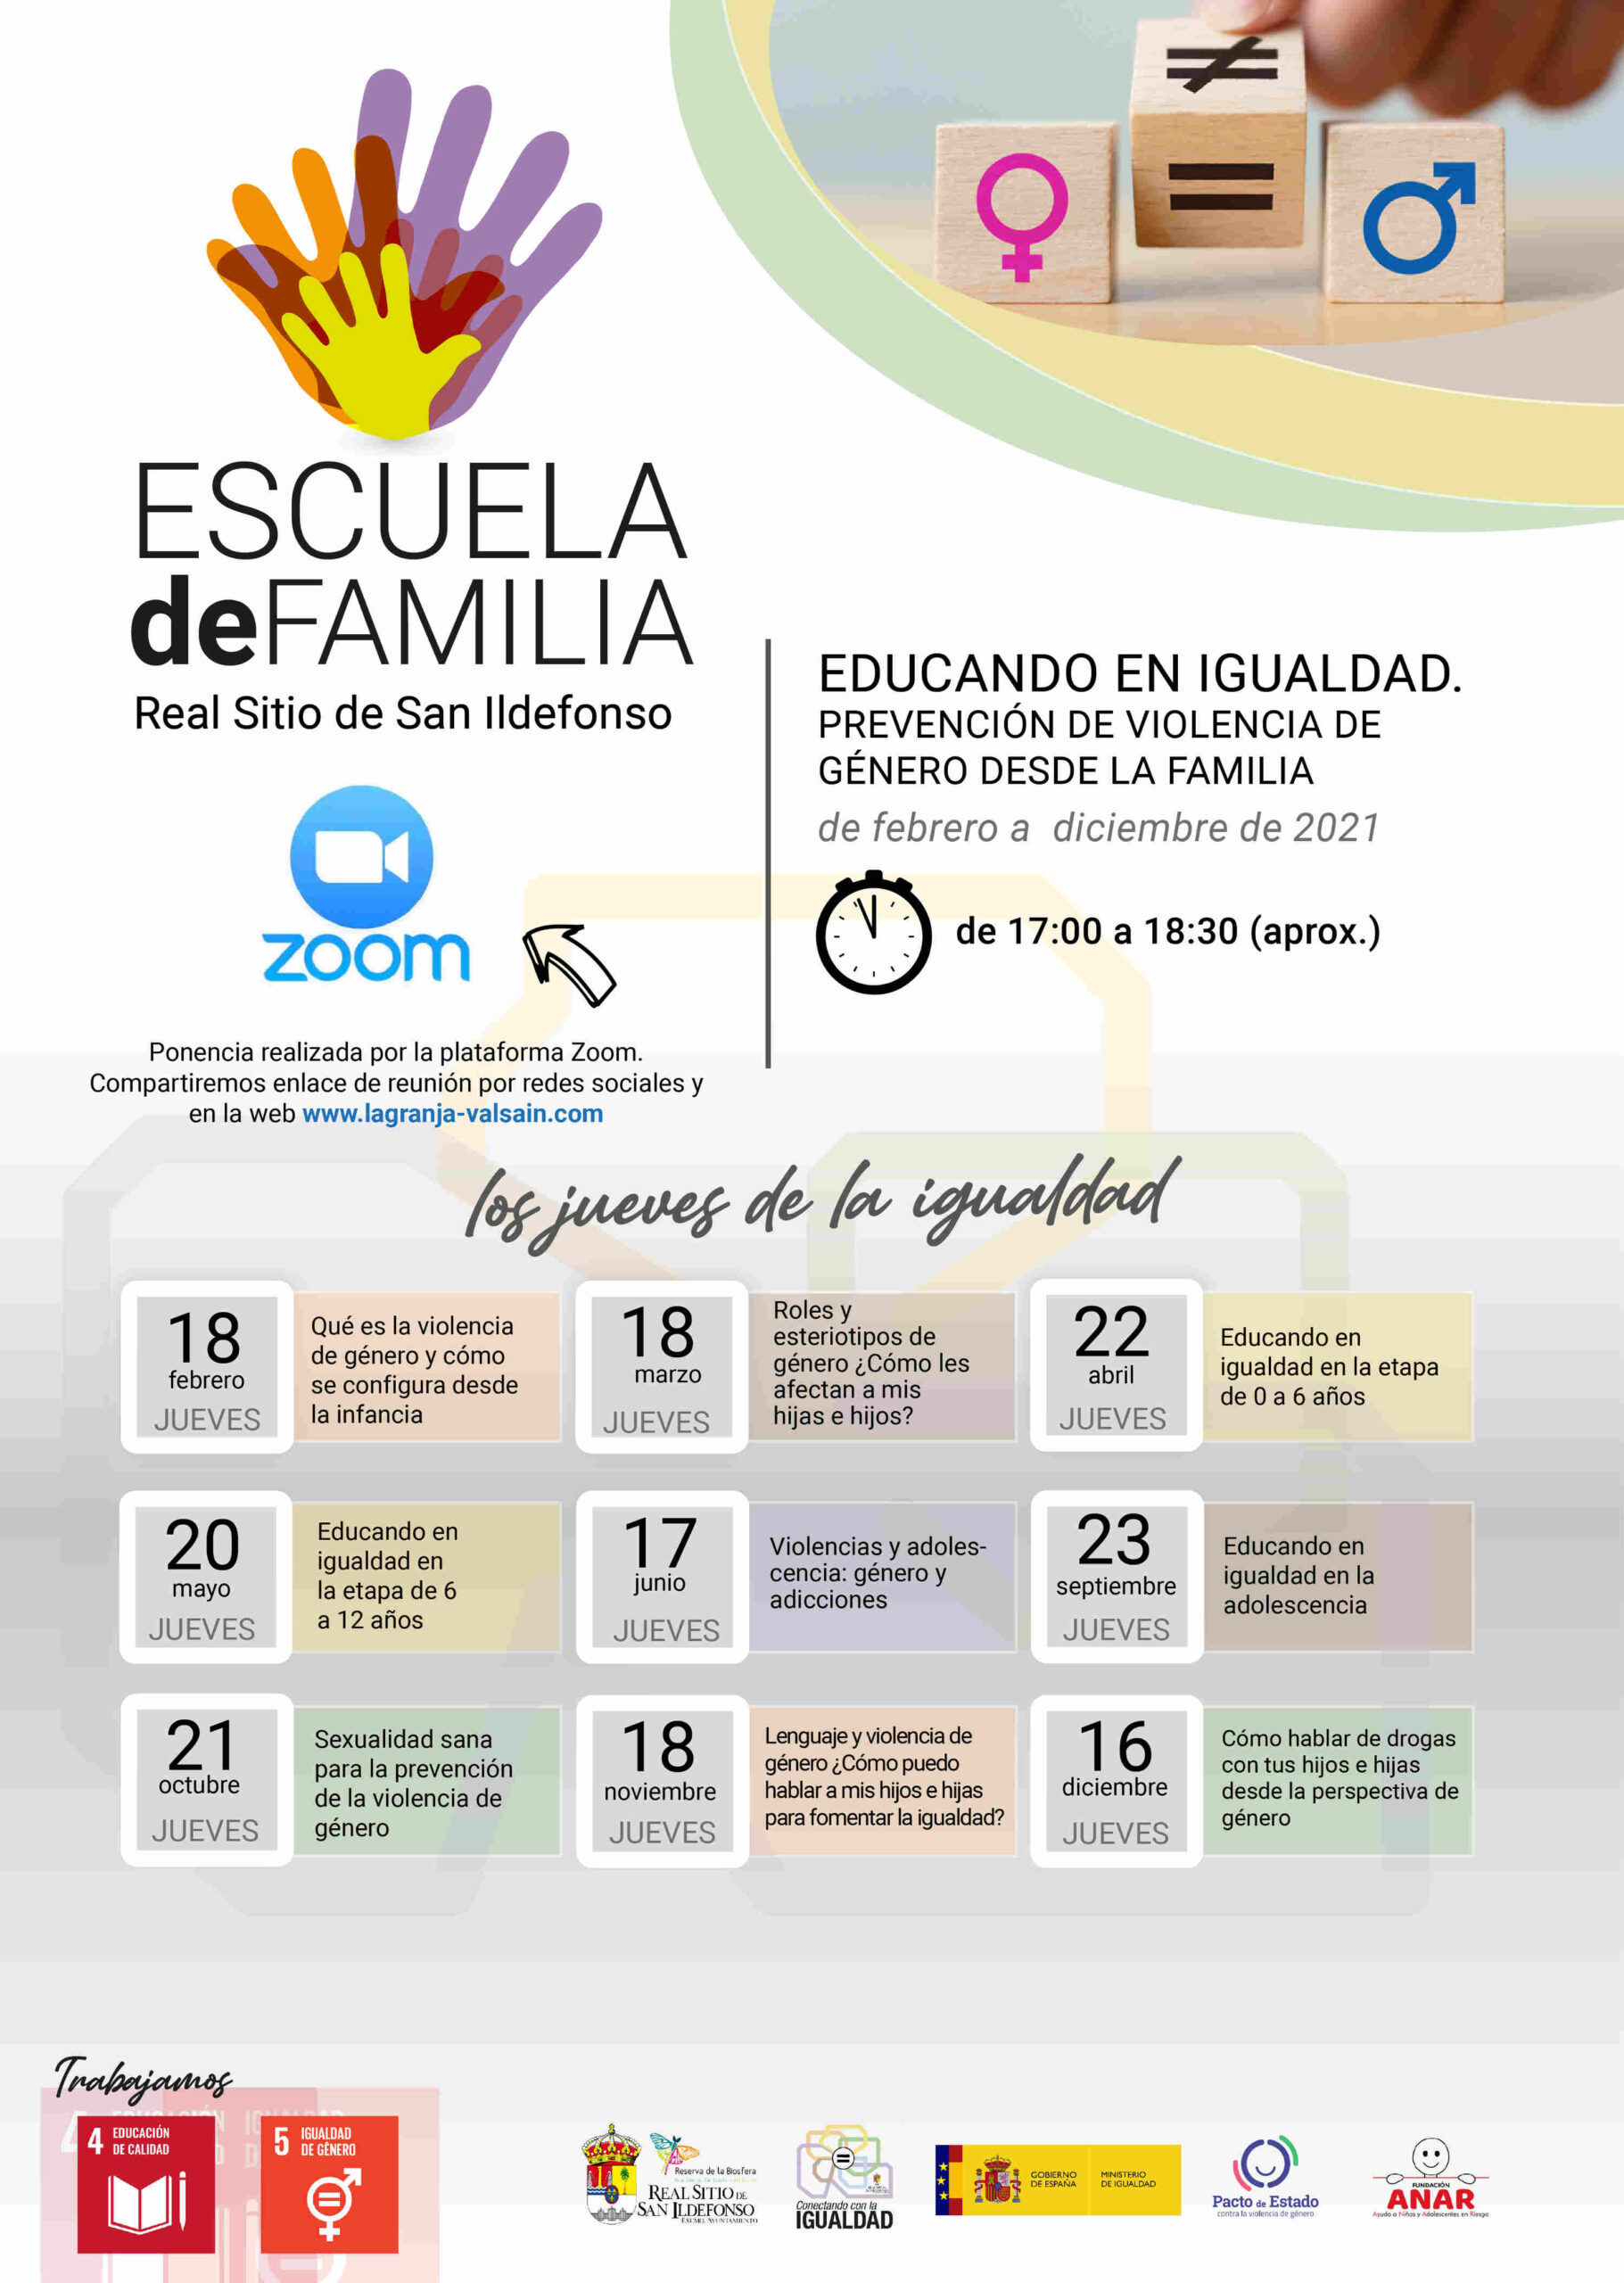 Escuela de Familia de La Granja de San Ildefonso